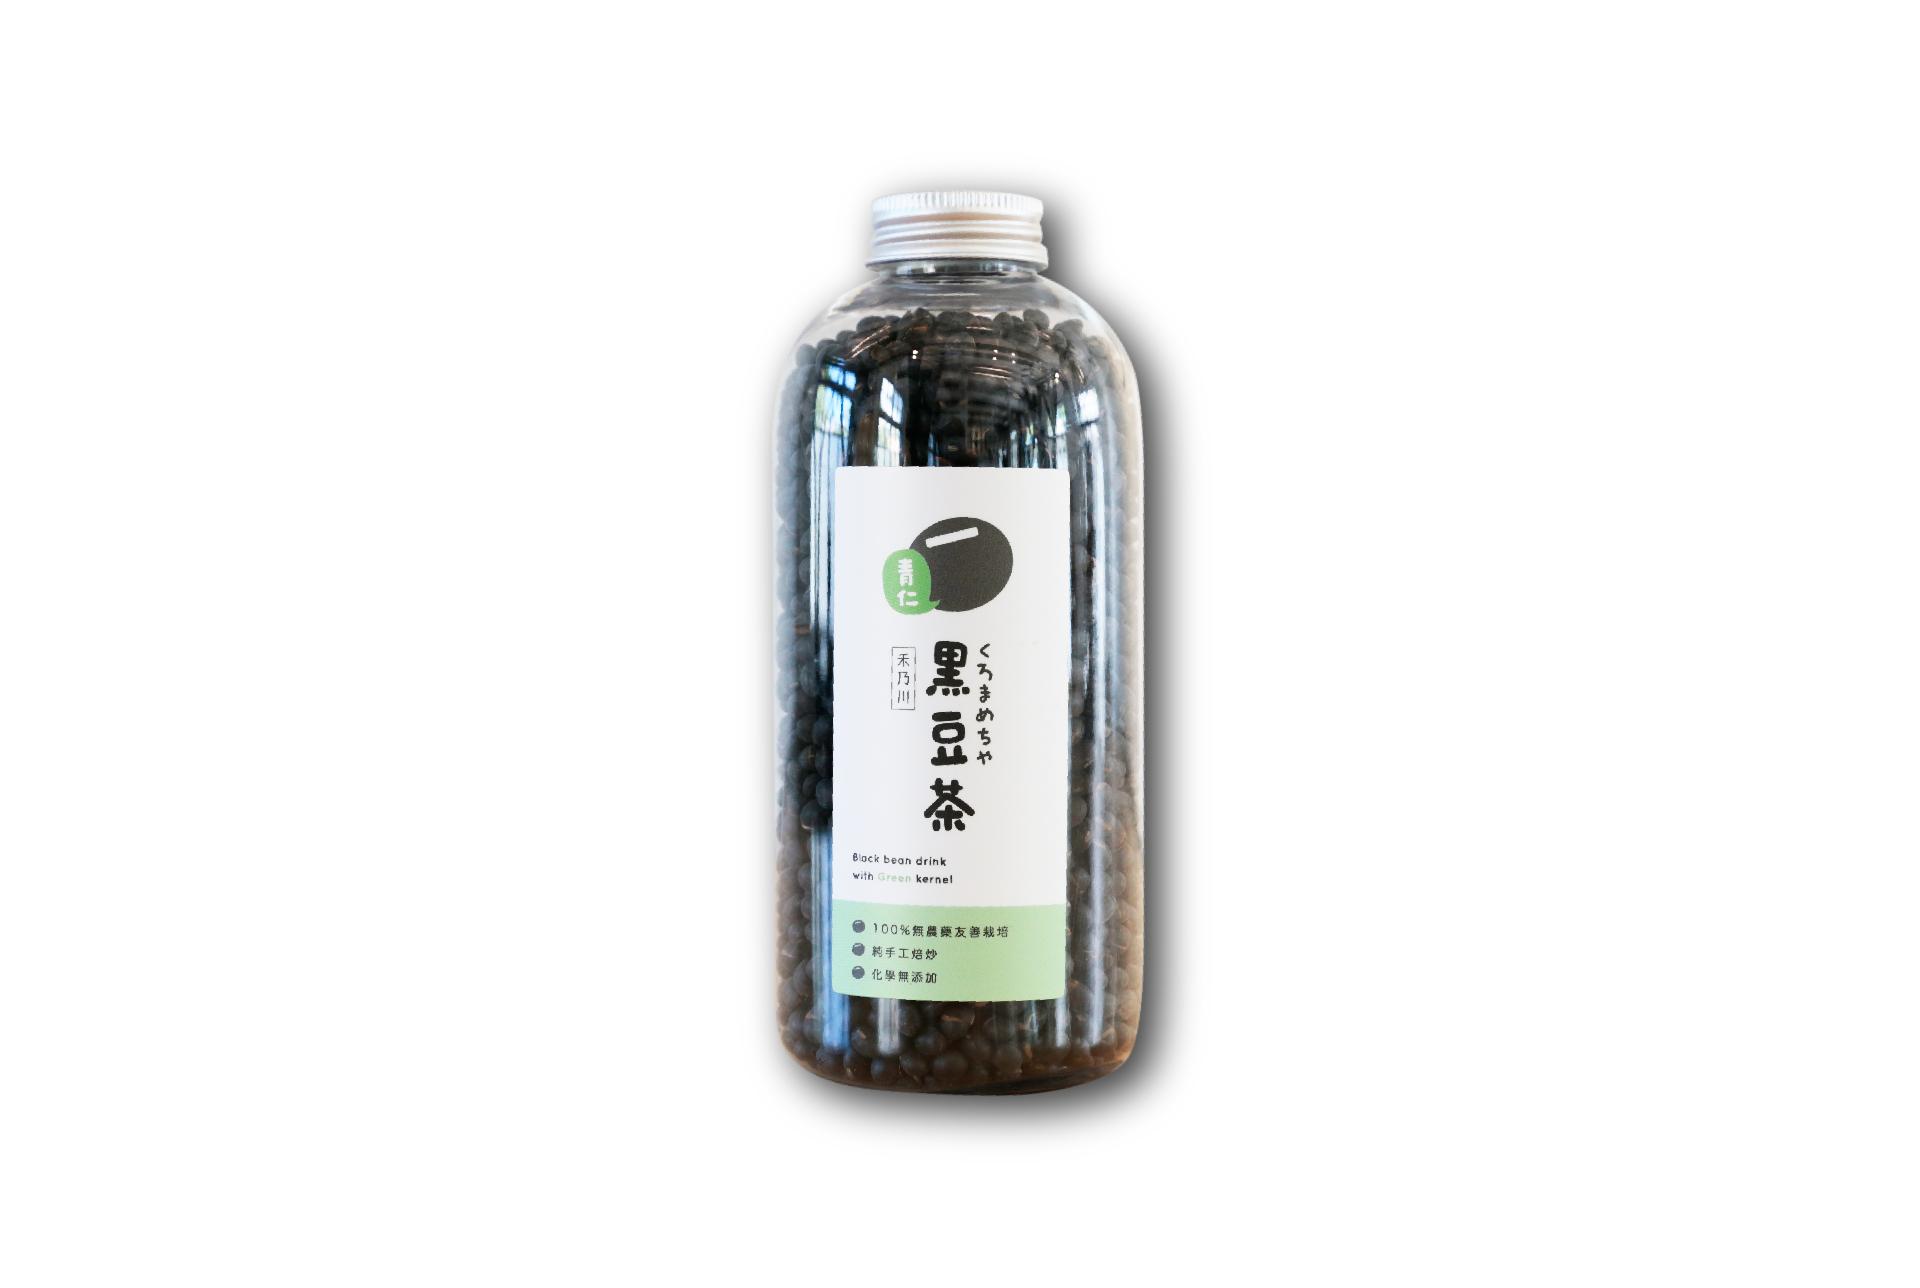 青仁黑豆茶(乾豆) - 細火手工焙炒 | 禾乃川國產豆製所 | 改變生命的豆漿店